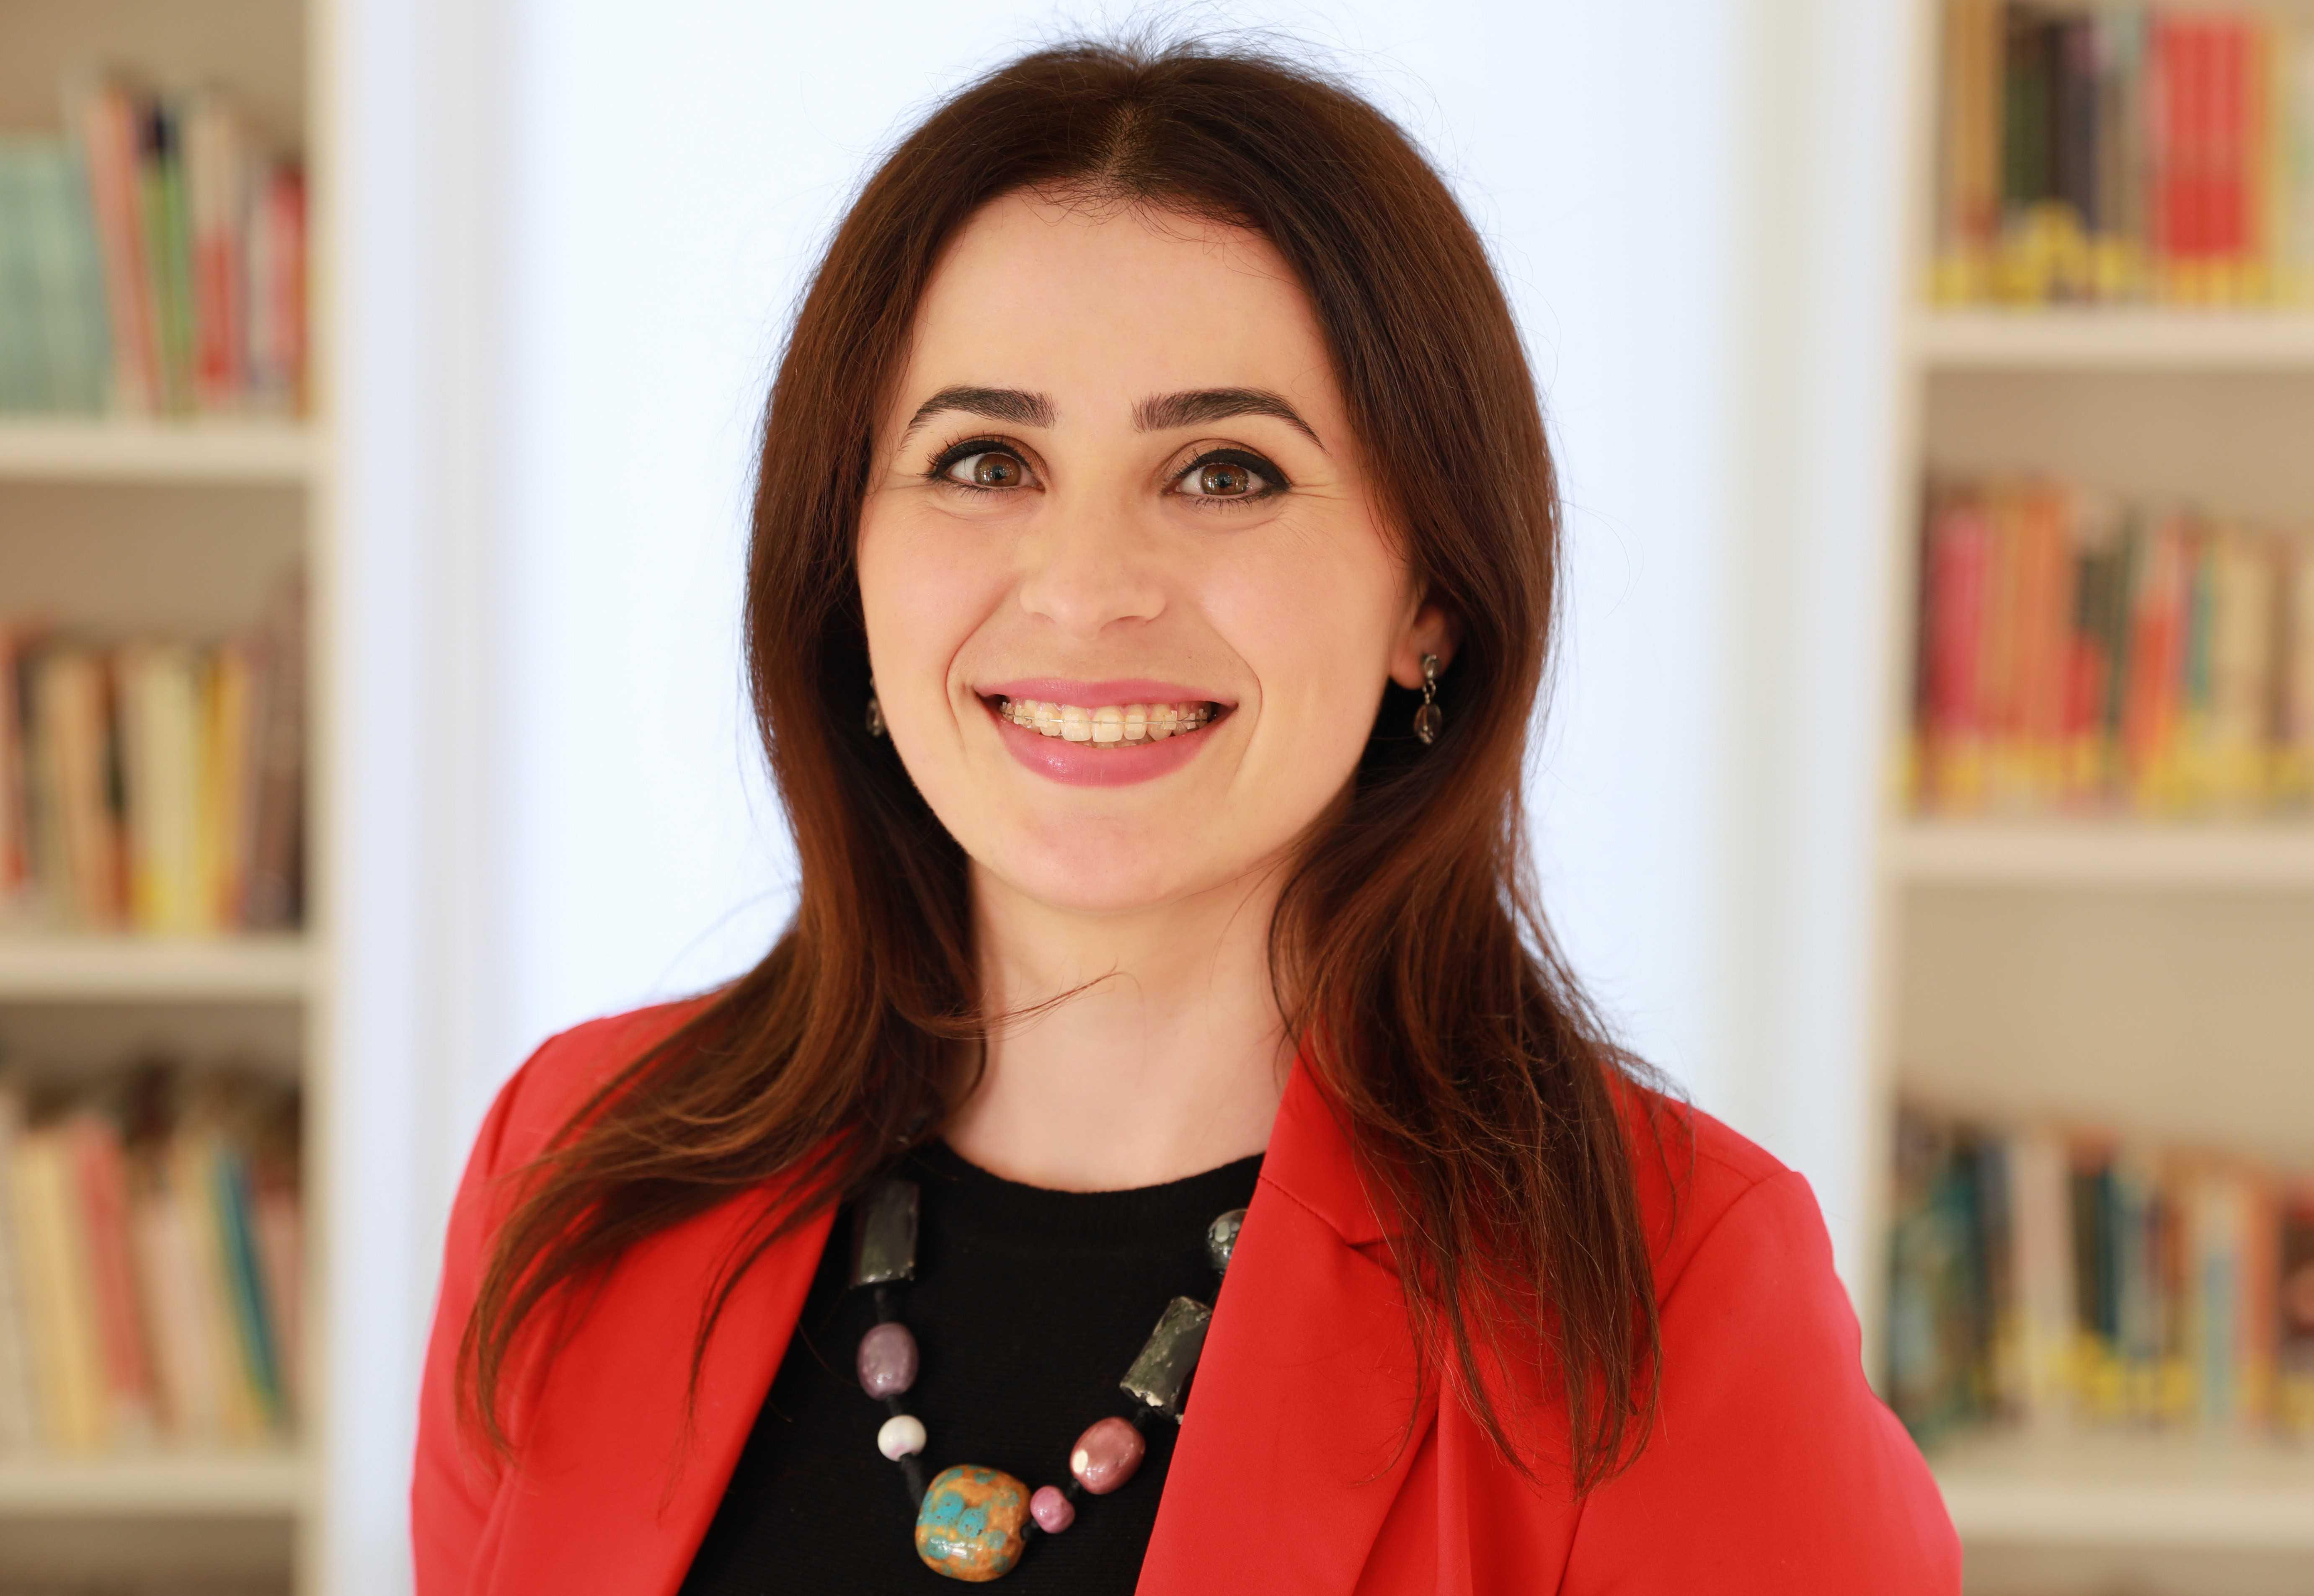 Blerta Selimaj